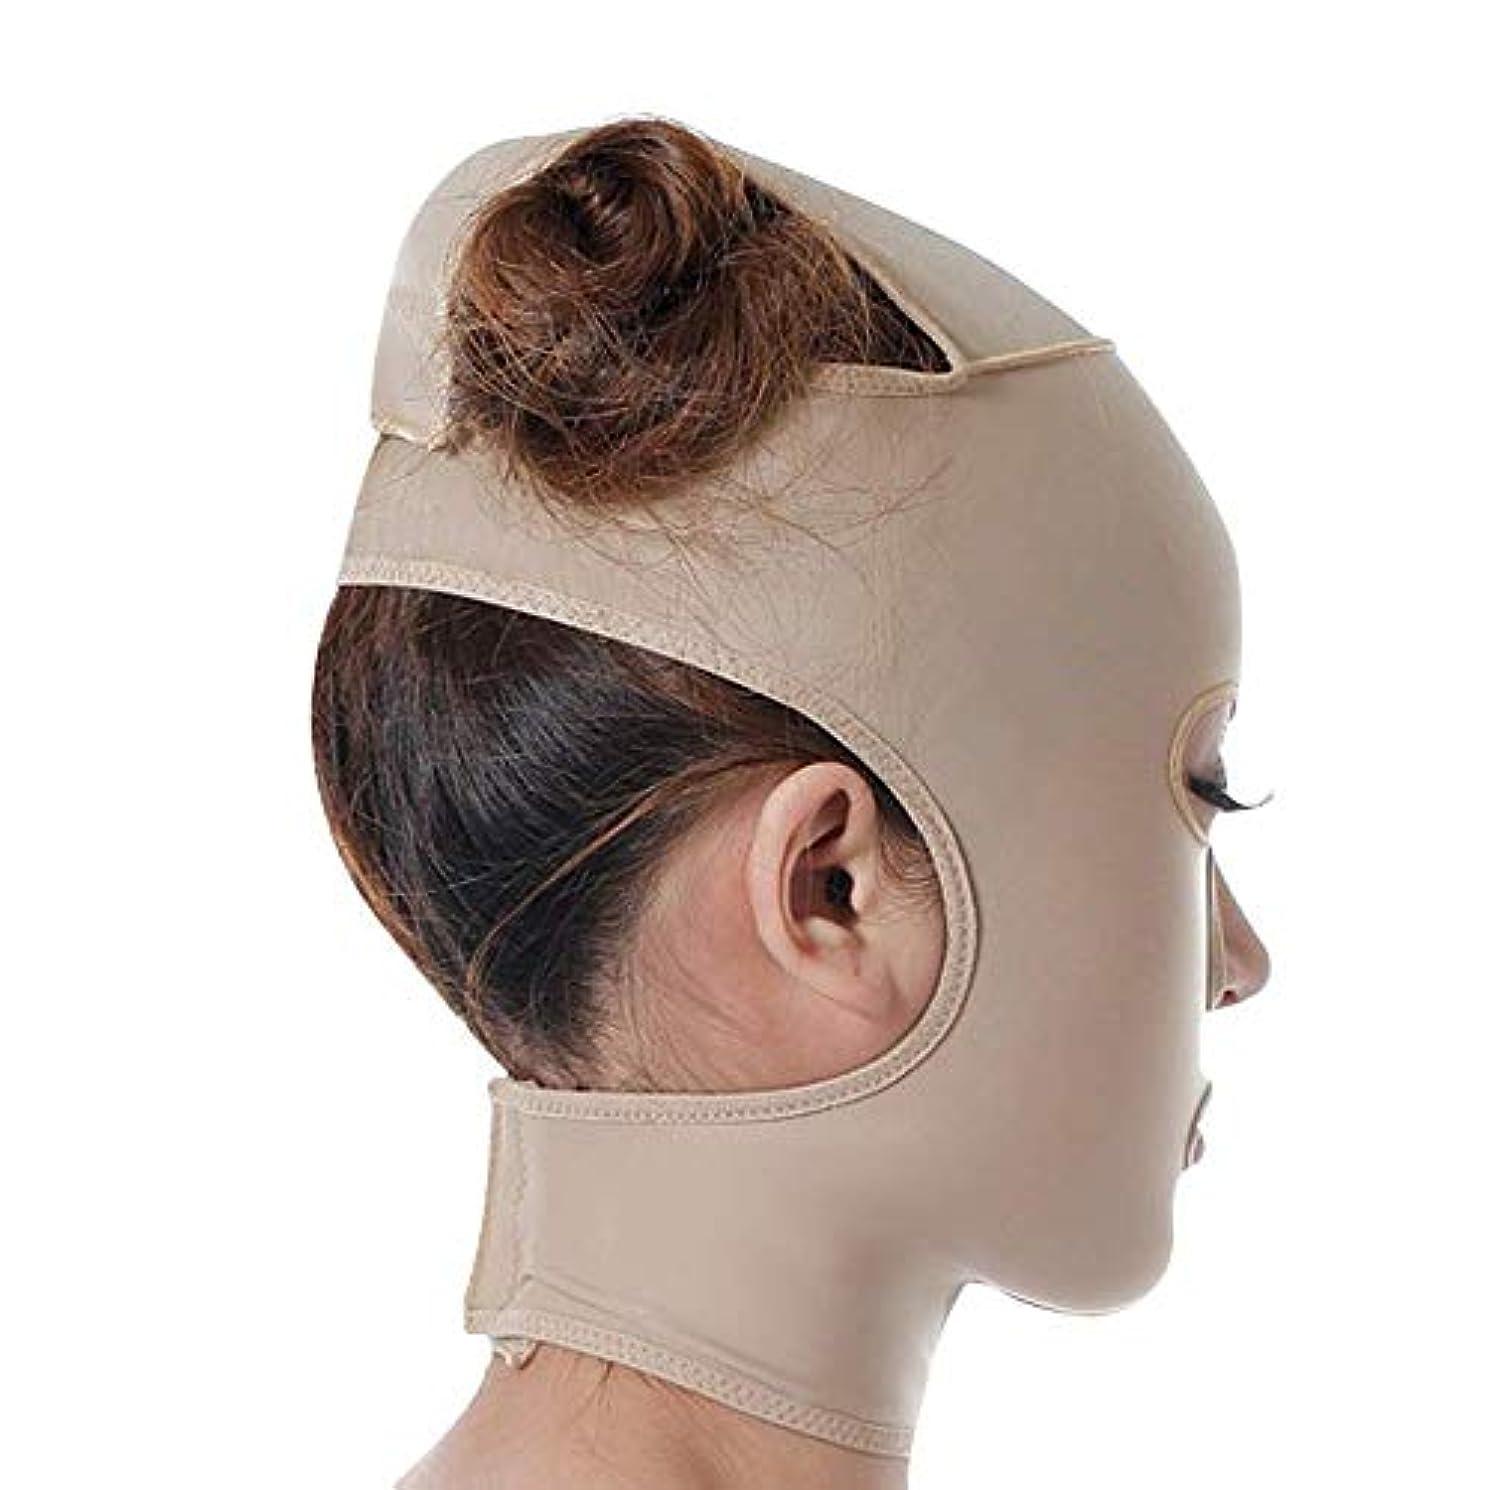 成長呪い教授ファーミングフェイスマスク、フェイシャルマスクビューティーメディシンフェイスマスクビューティーVフェイスバンデージラインカービングリフティングファーミングダブルチンマスク(サイズ:Xl)